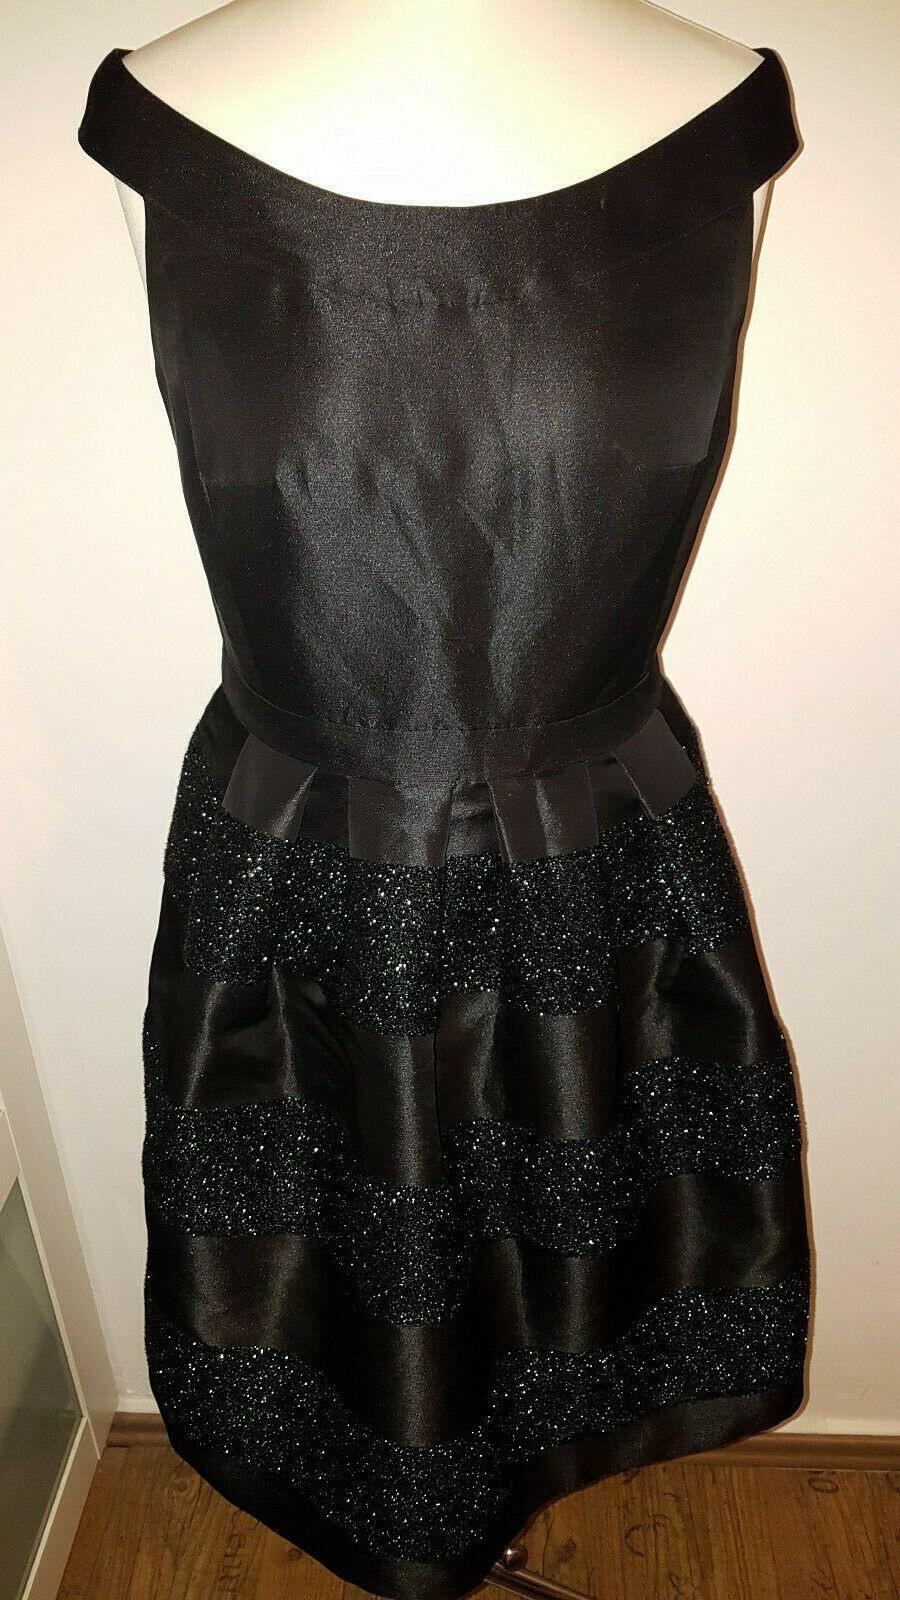 Formal Perfekt Esprit Abendkleid Design17 Fantastisch Esprit Abendkleid Boutique